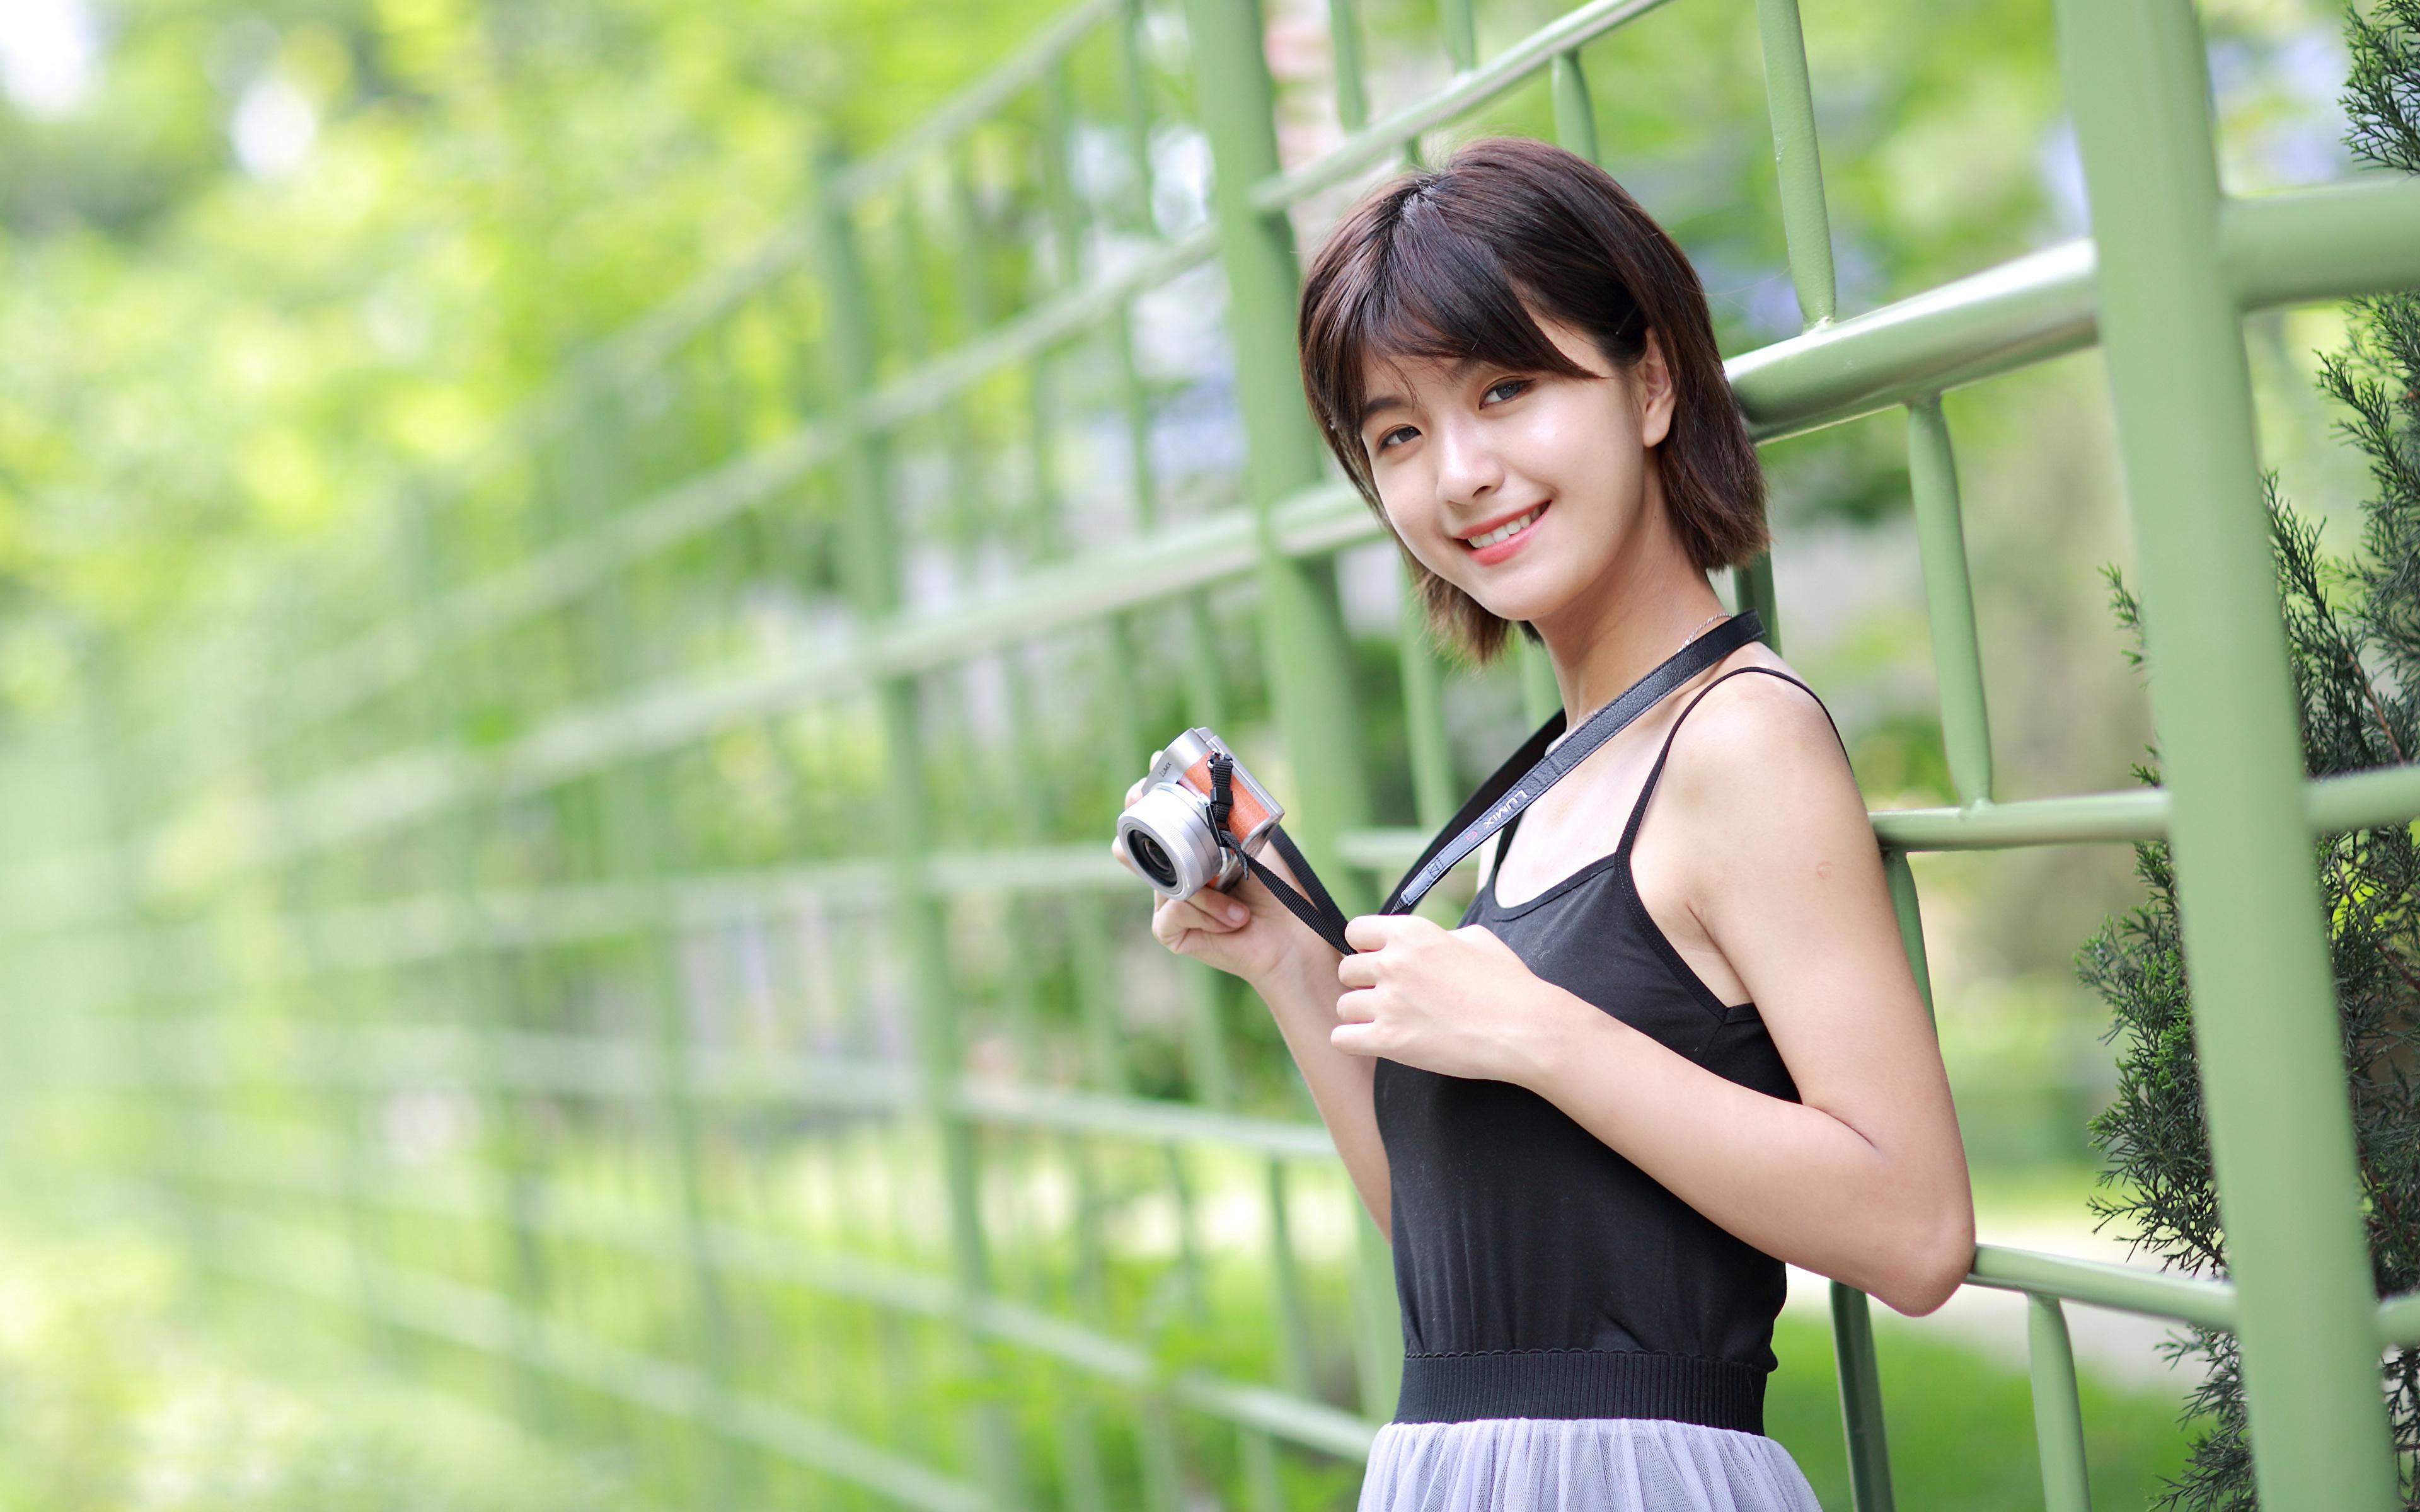 Fotos von Fotoapparat Lächeln Mädchens Asiatische Blick 3840x2400 junge frau junge Frauen Asiaten asiatisches Starren